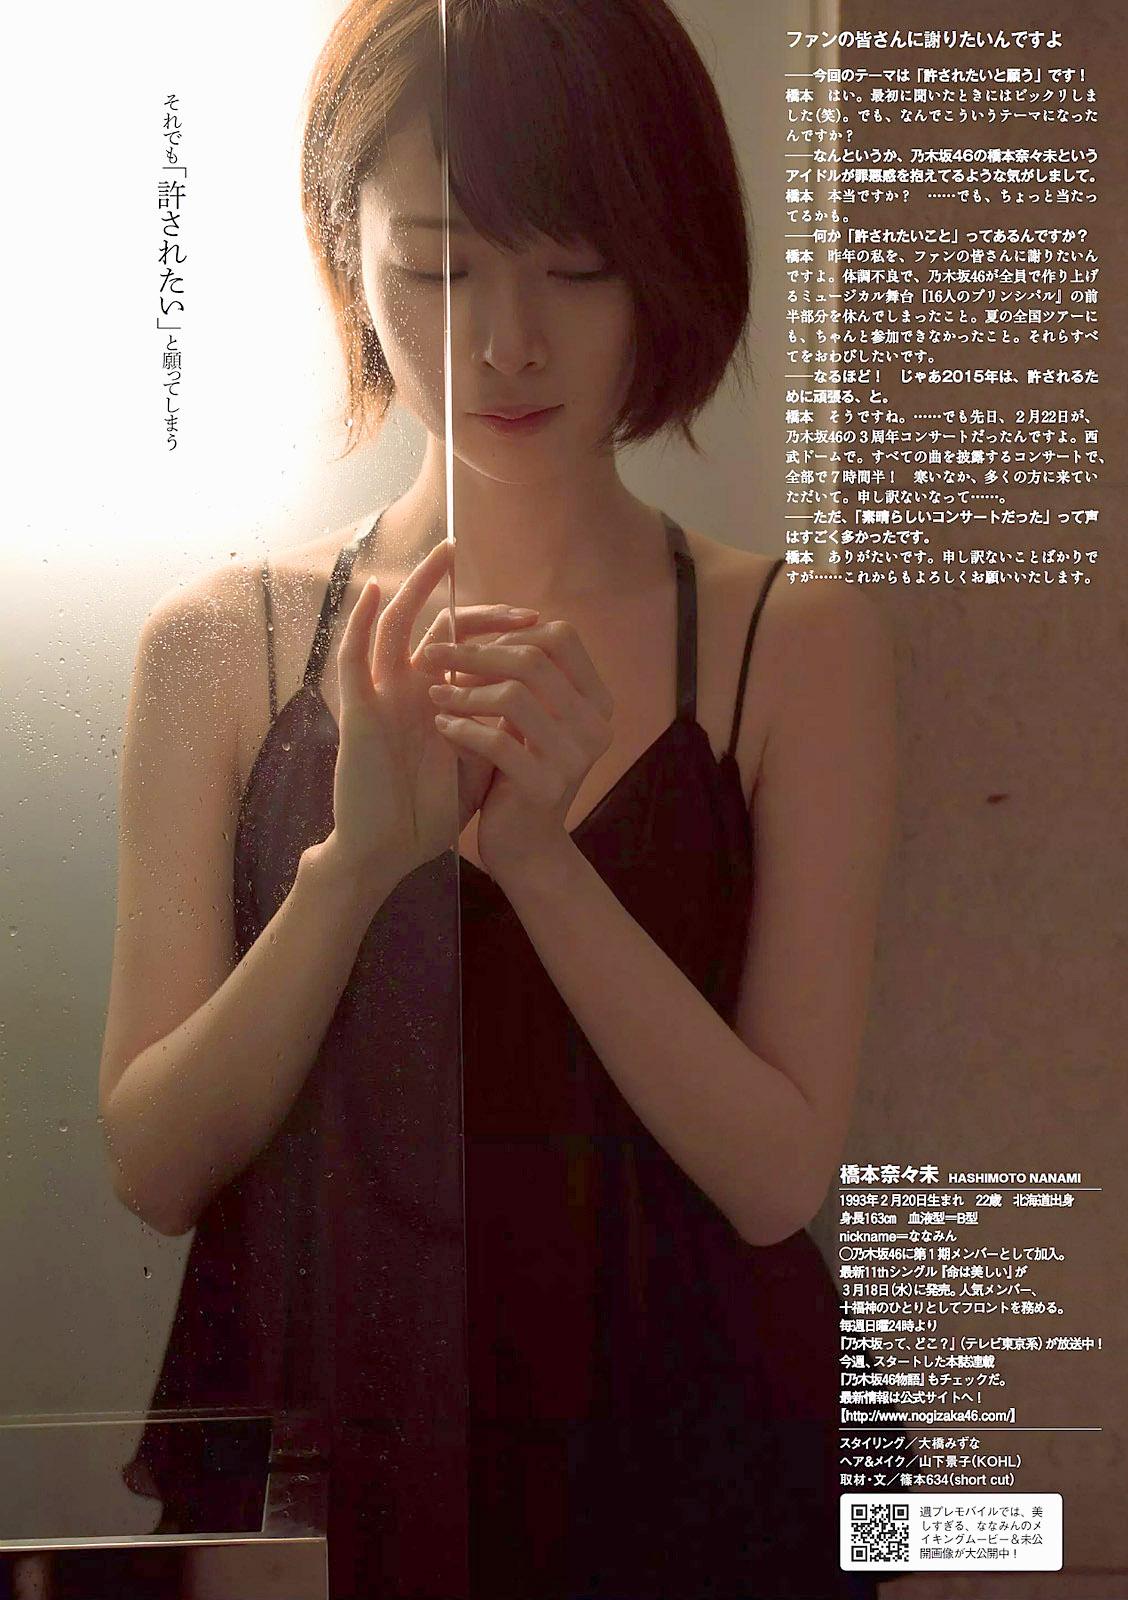 NHashimoto WPB 150330 07.jpg